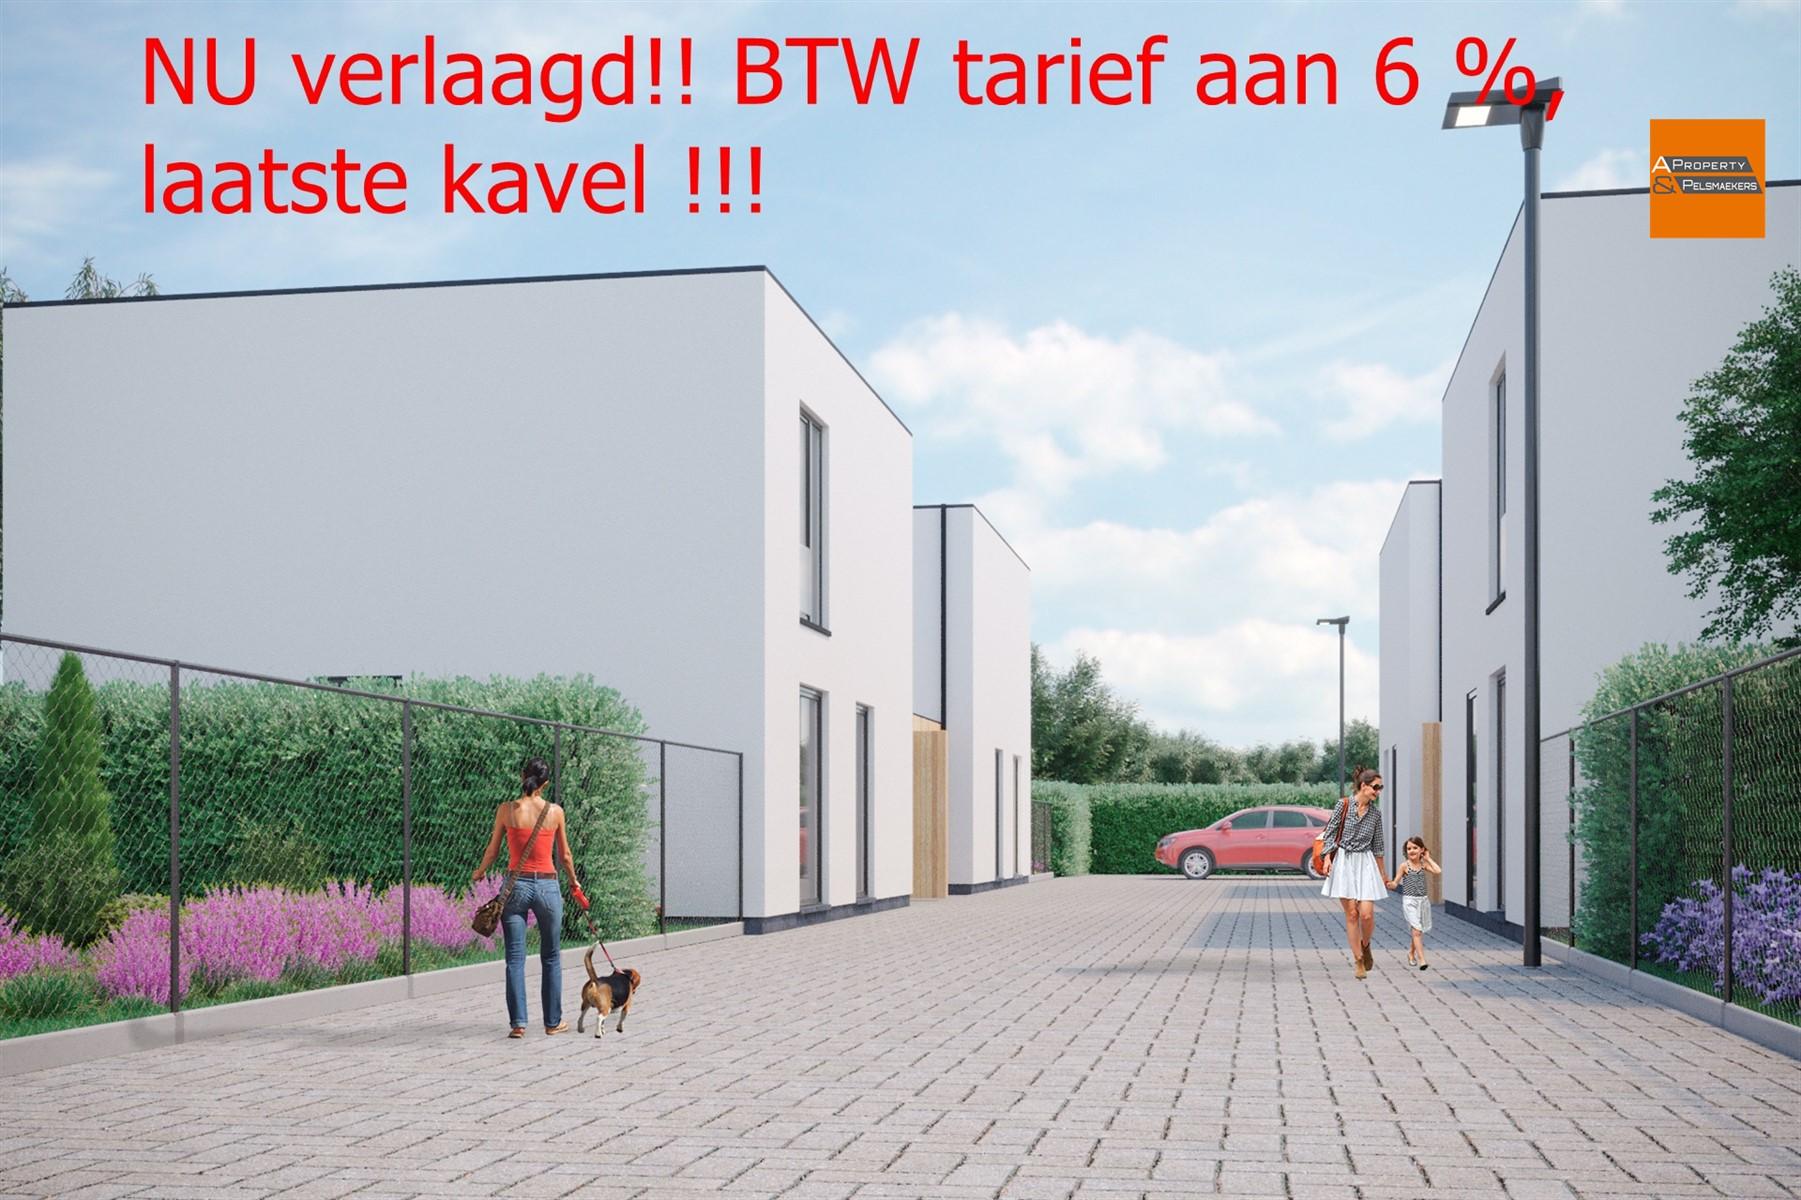 Real estate project : Adelhof  NU Verlaagd BTW tarief aan 6 %, laatste kavel !!! IN MEERBEEK (3078) - Price